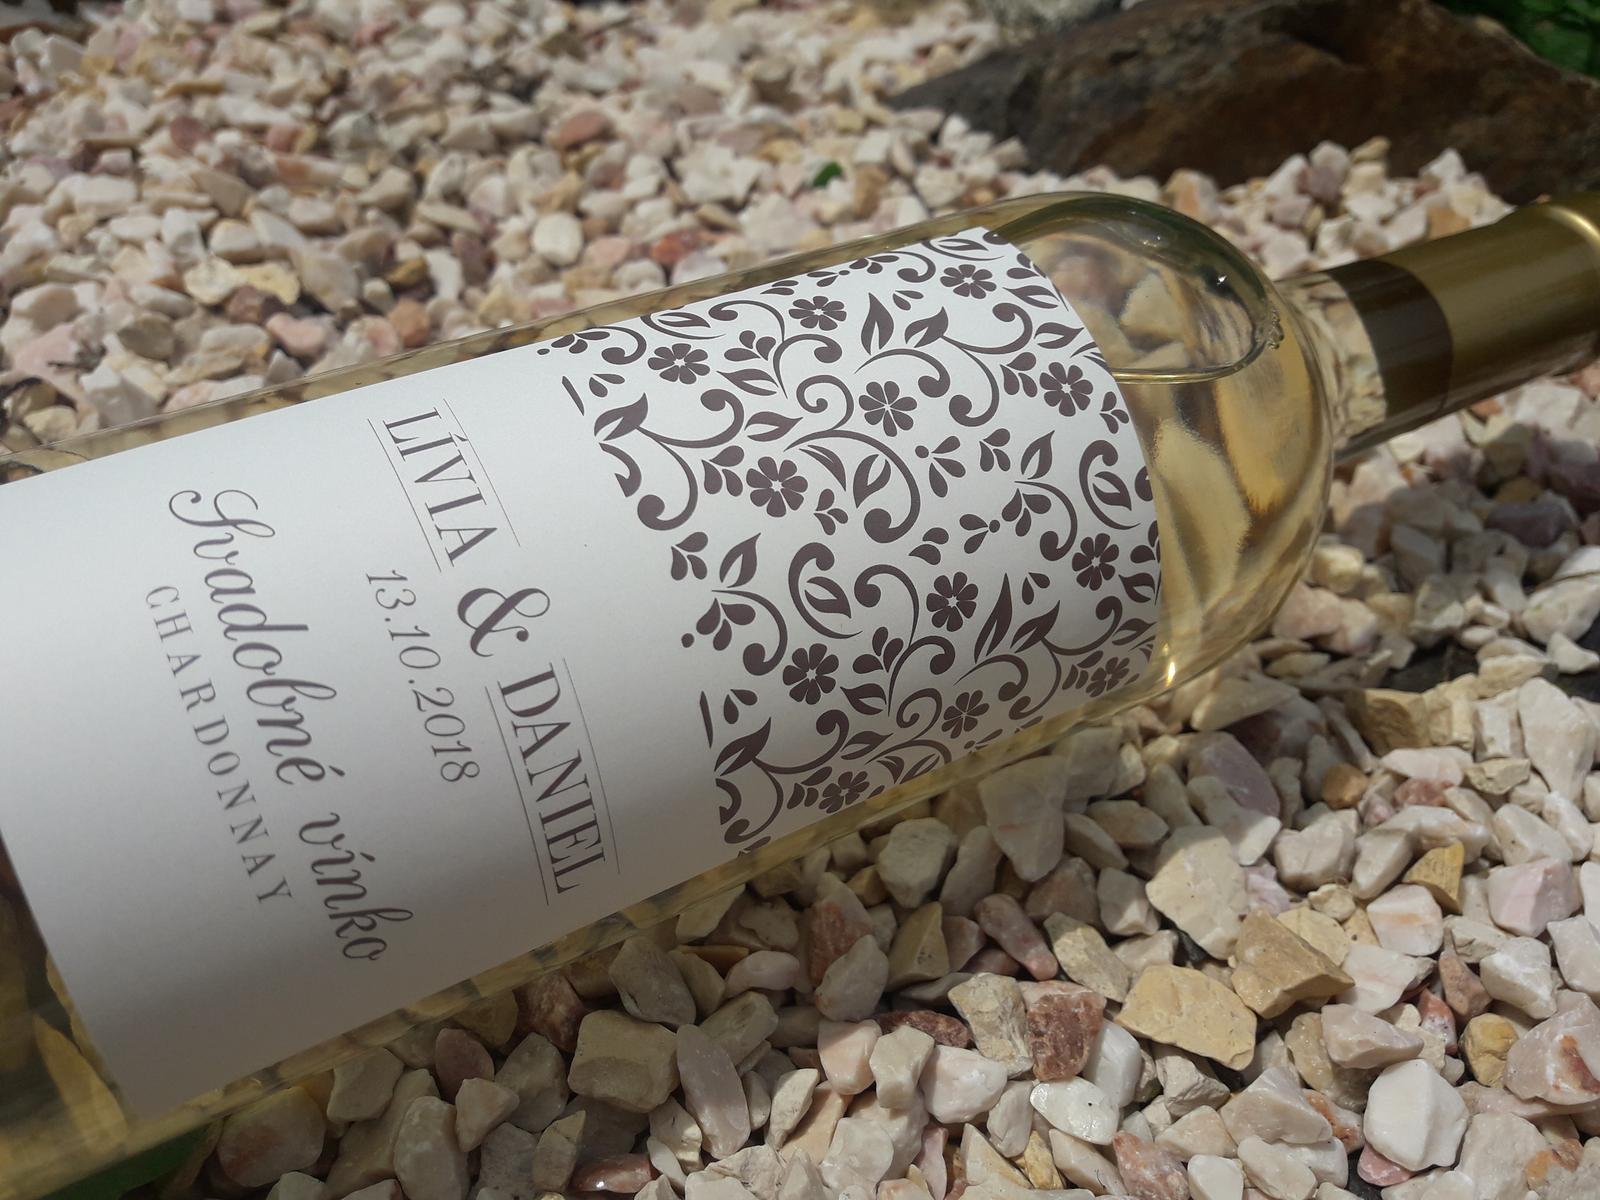 vinomaravilla - Svadobné vínko s jednoduchou štýlovou etiketou